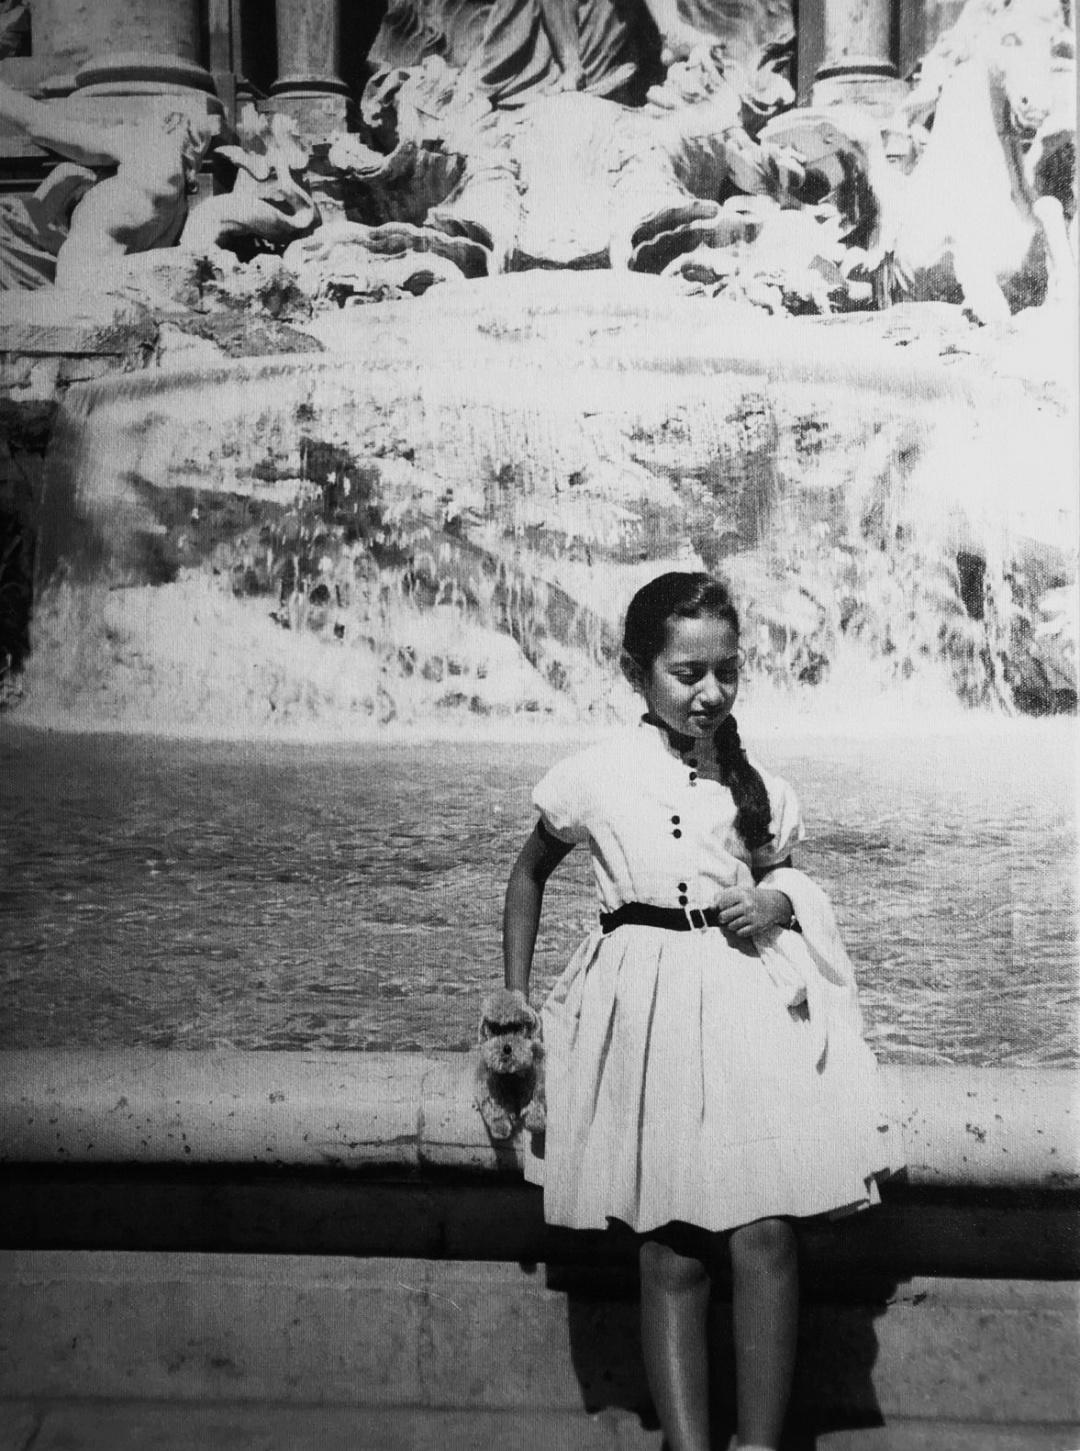 Юна Заха Хадід біля фонтану Треві, Рим